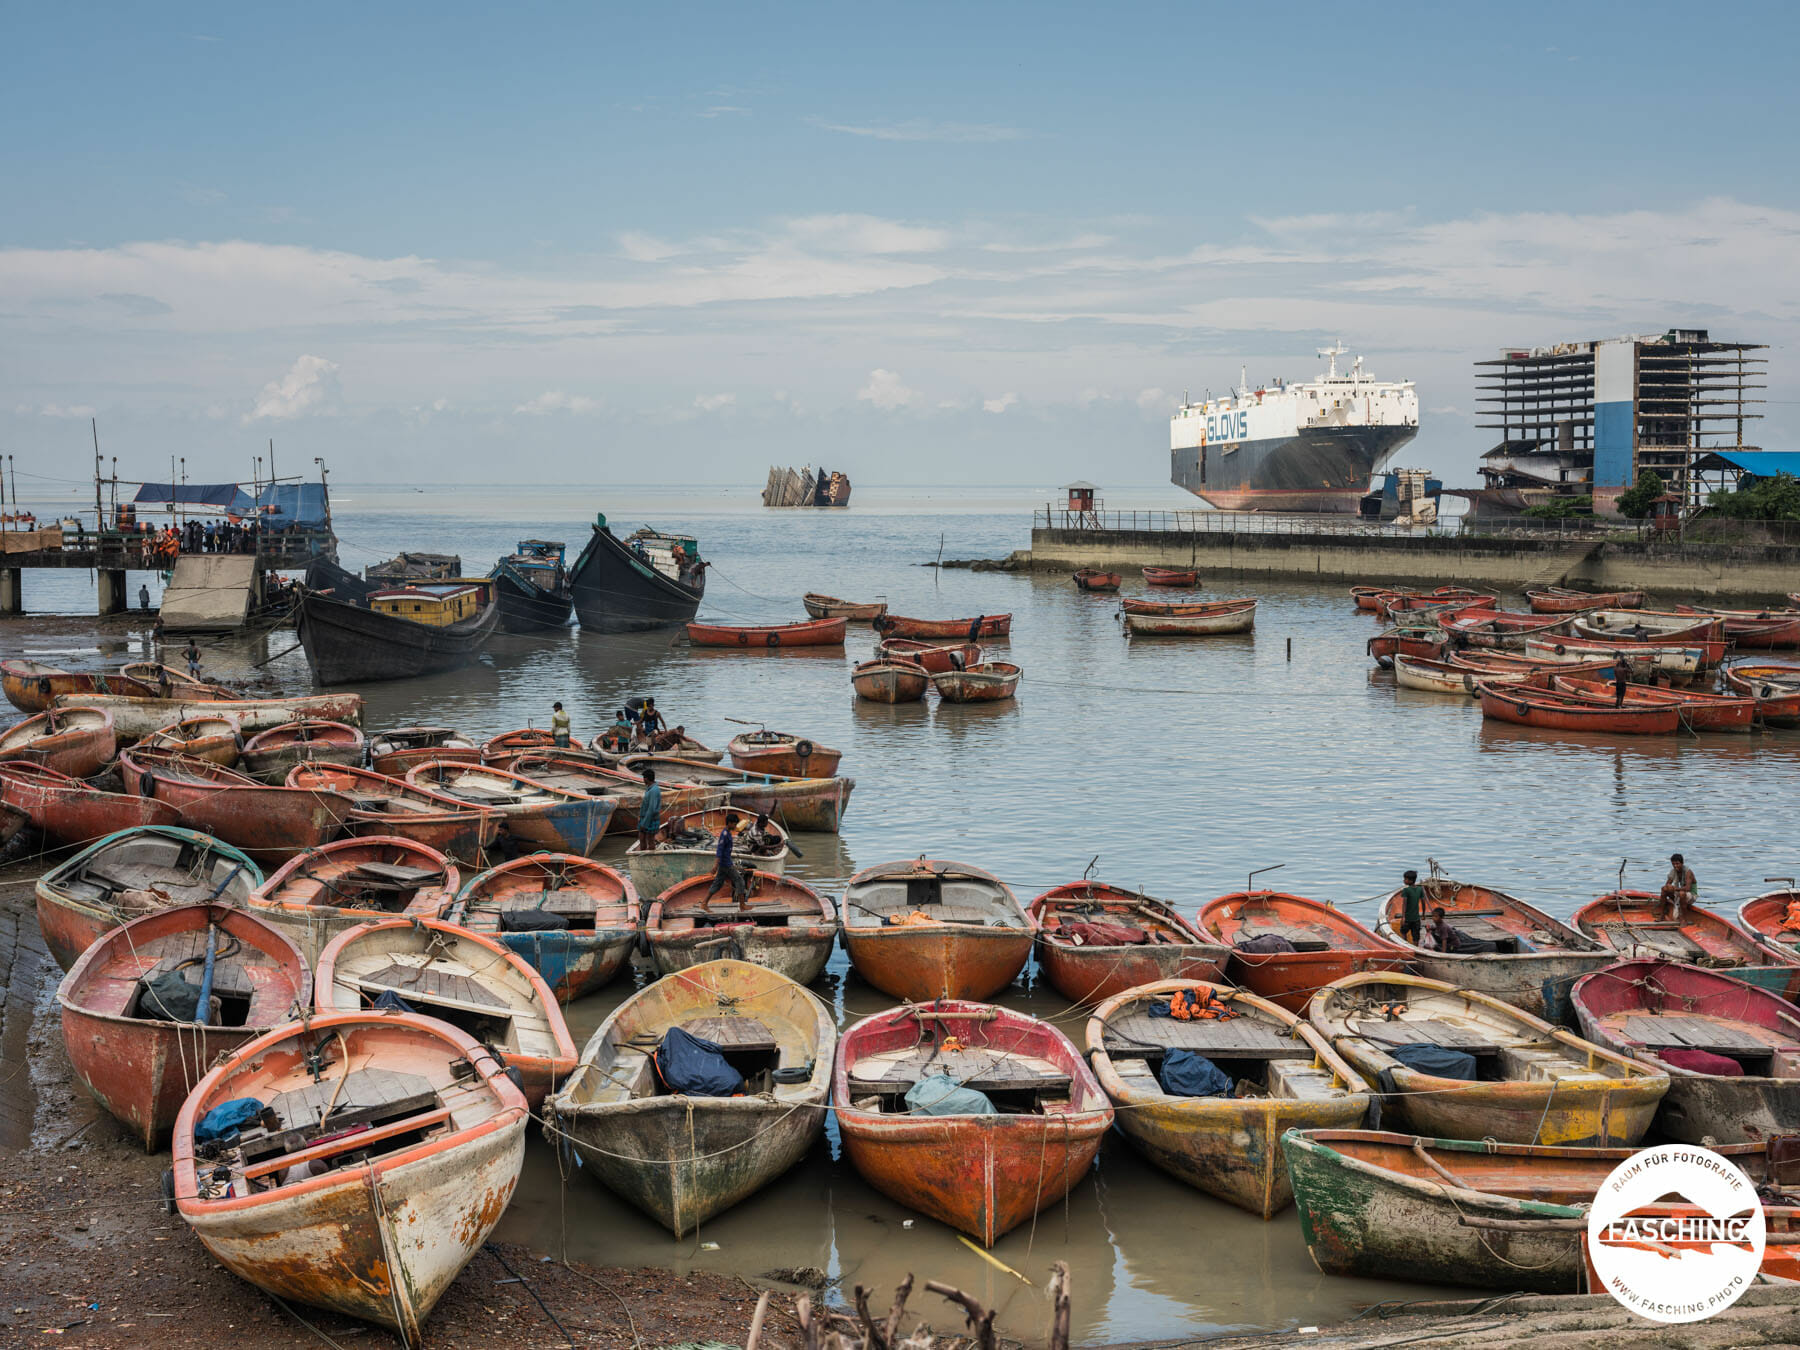 Auf der Reise in Bangladesch besuchten und fotografierten die vorarlberger Fotografen des Studio Fasching auch ein Fischerdorf